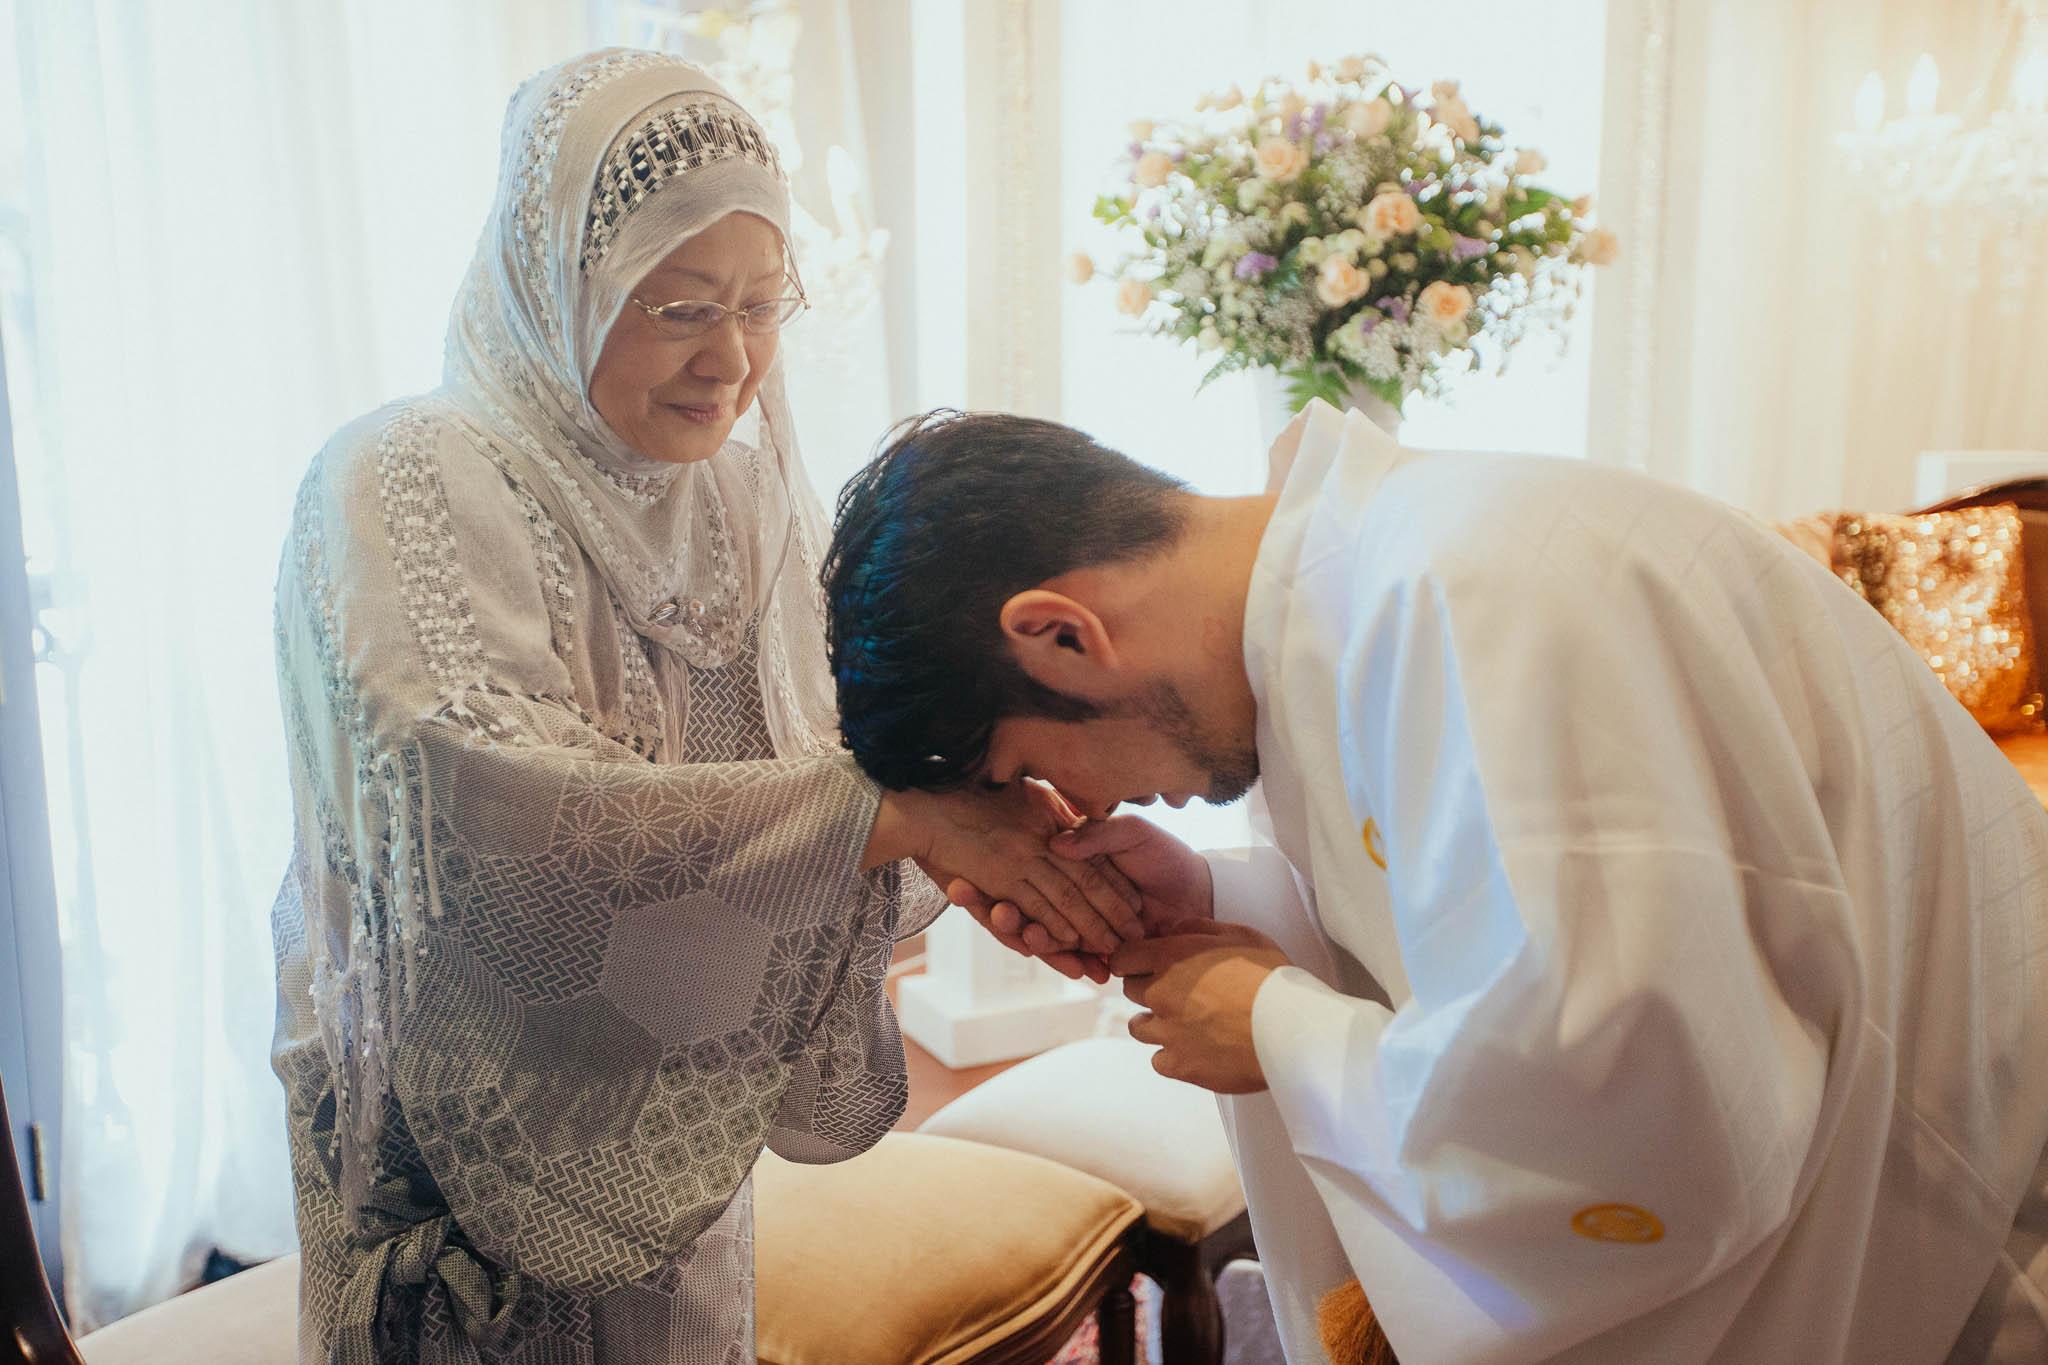 singapore-wedding-photographer-travel-wemadethese-atara-hafizah-24.jpg